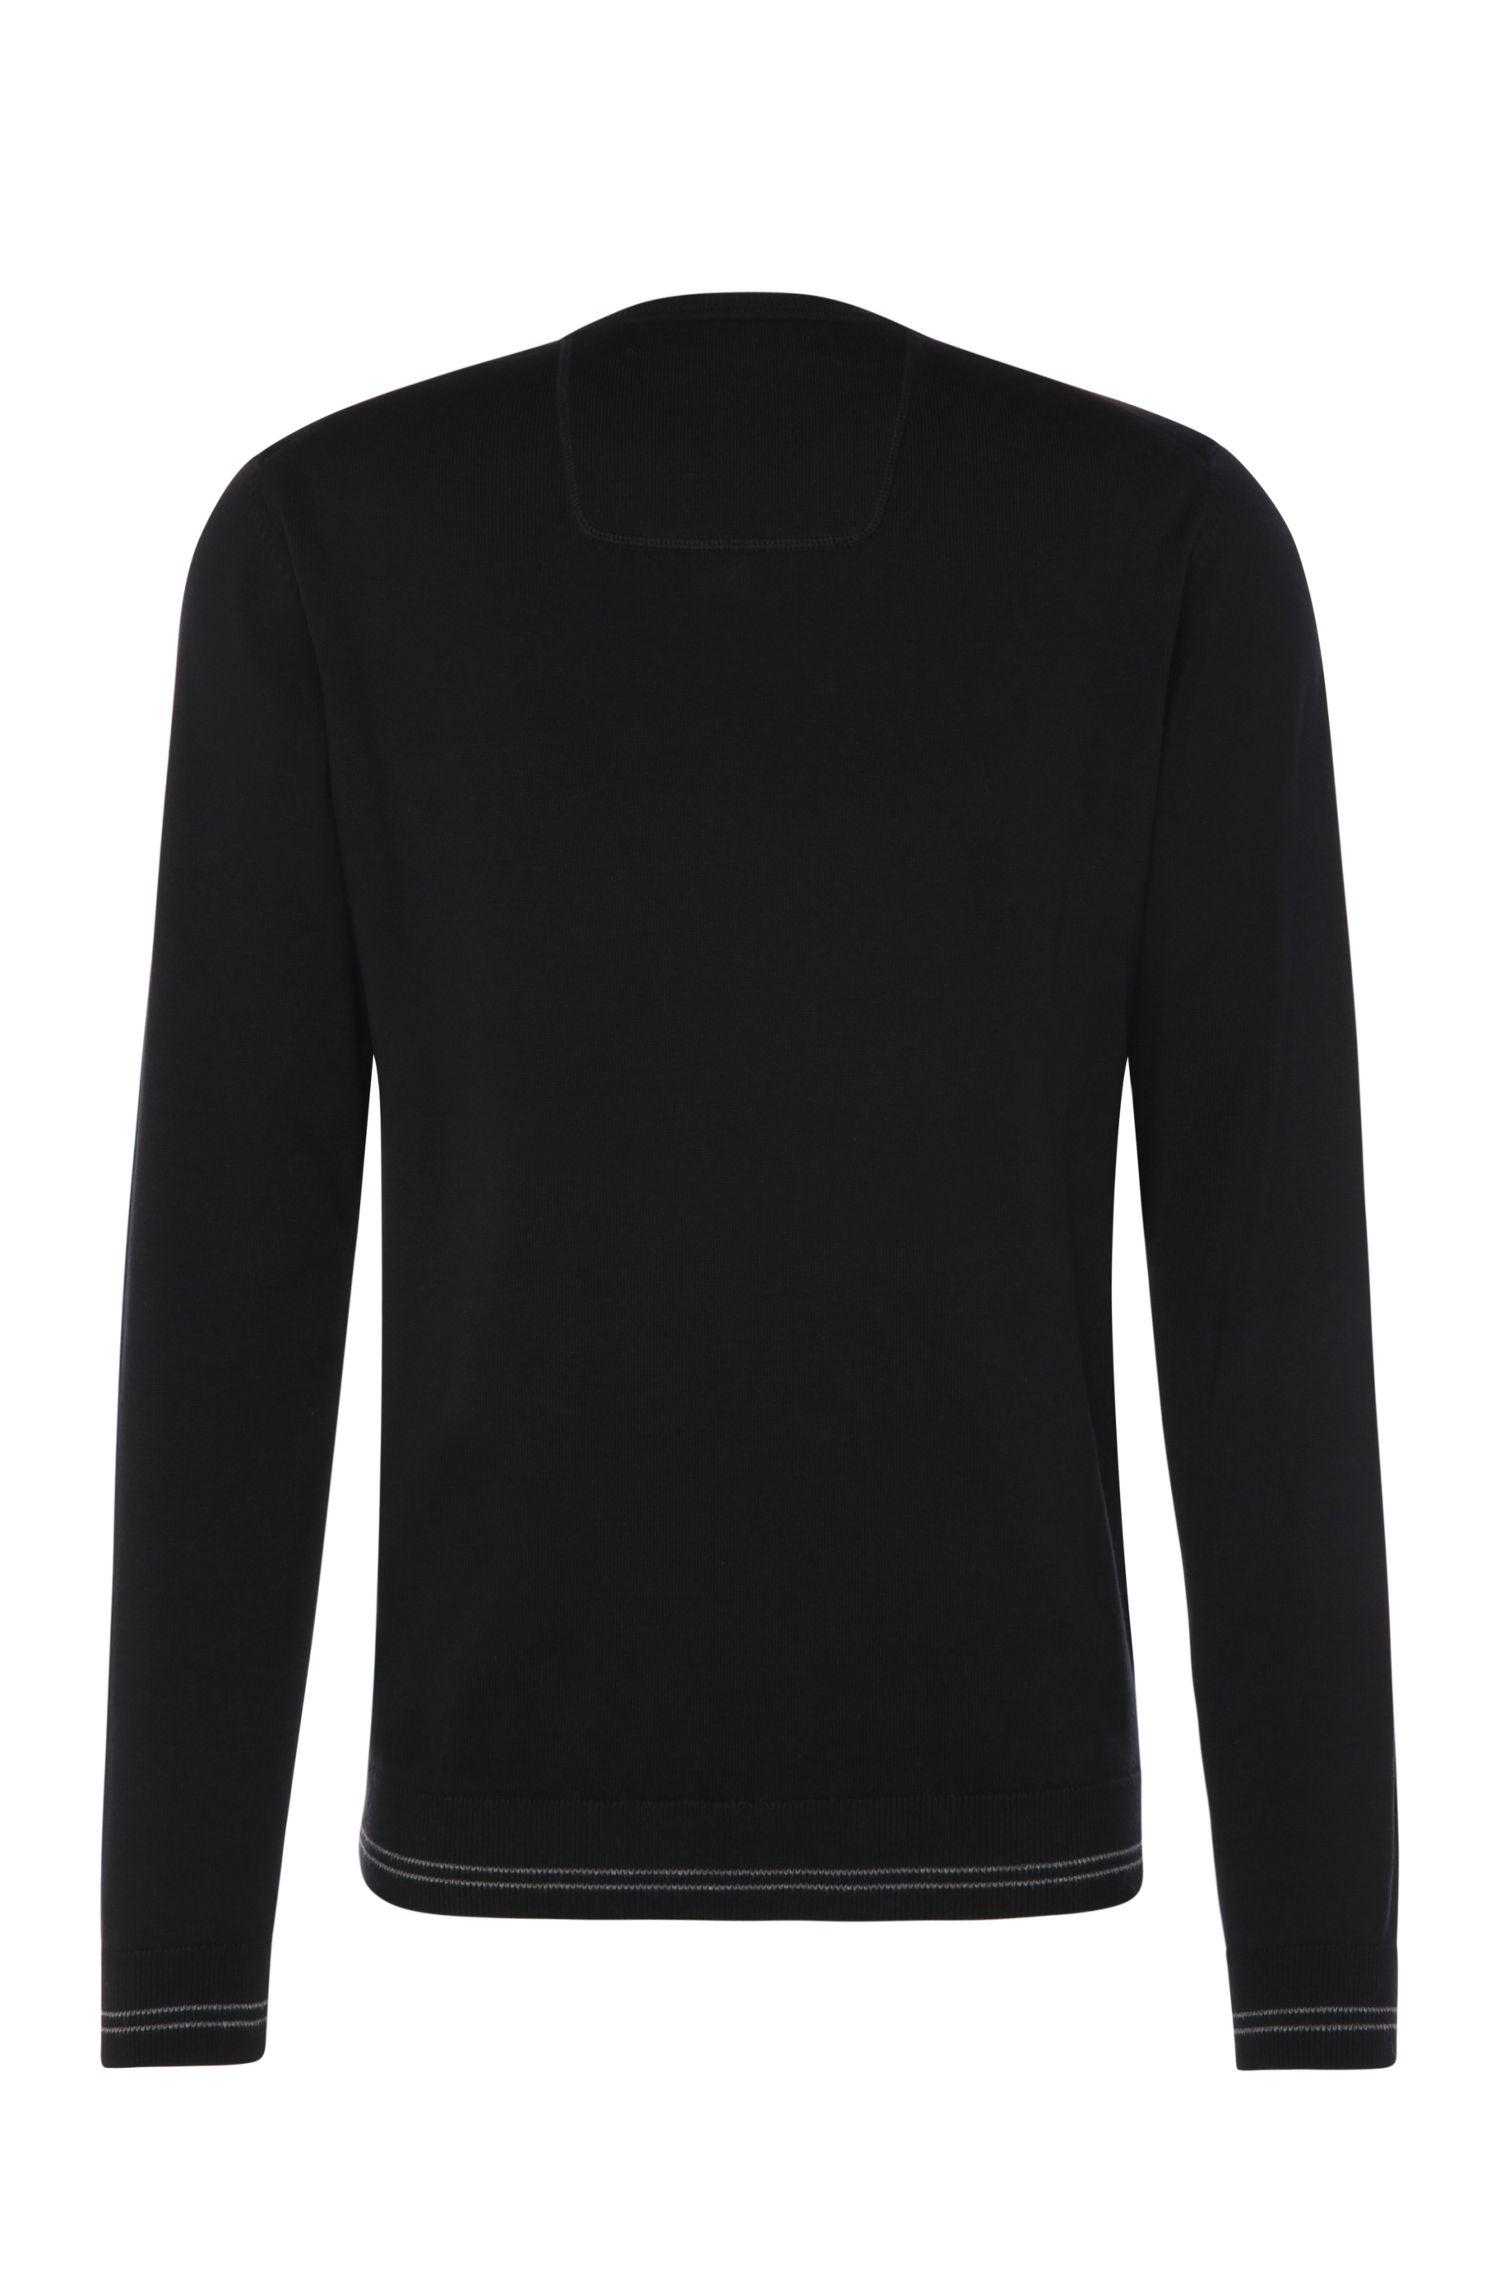 Fijngebreide trui met V-hals: 'Vime_W16'